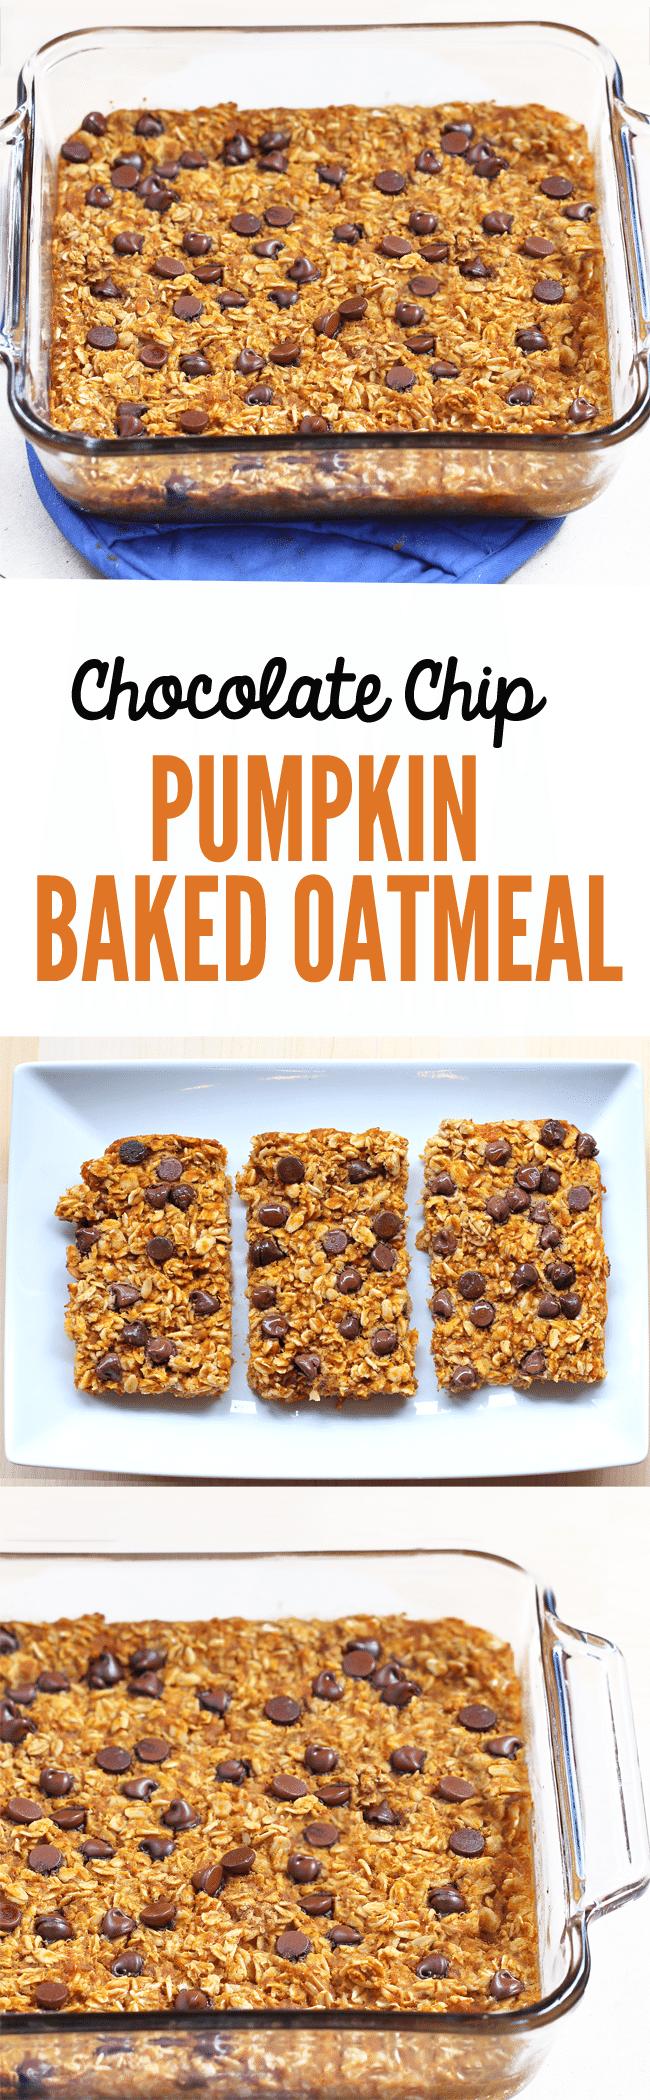 Pumpkin Baked Oatmeal - 2 cups oats, 1 cup pumpkin, 1 tsp cinnamon, 2 tsp vanilla, 1 1/2 cups... Full recipe: https://chocolatecoveredkatie.com/2014/11/13/pumpkin-baked-oatmeal/ @choccoveredkt